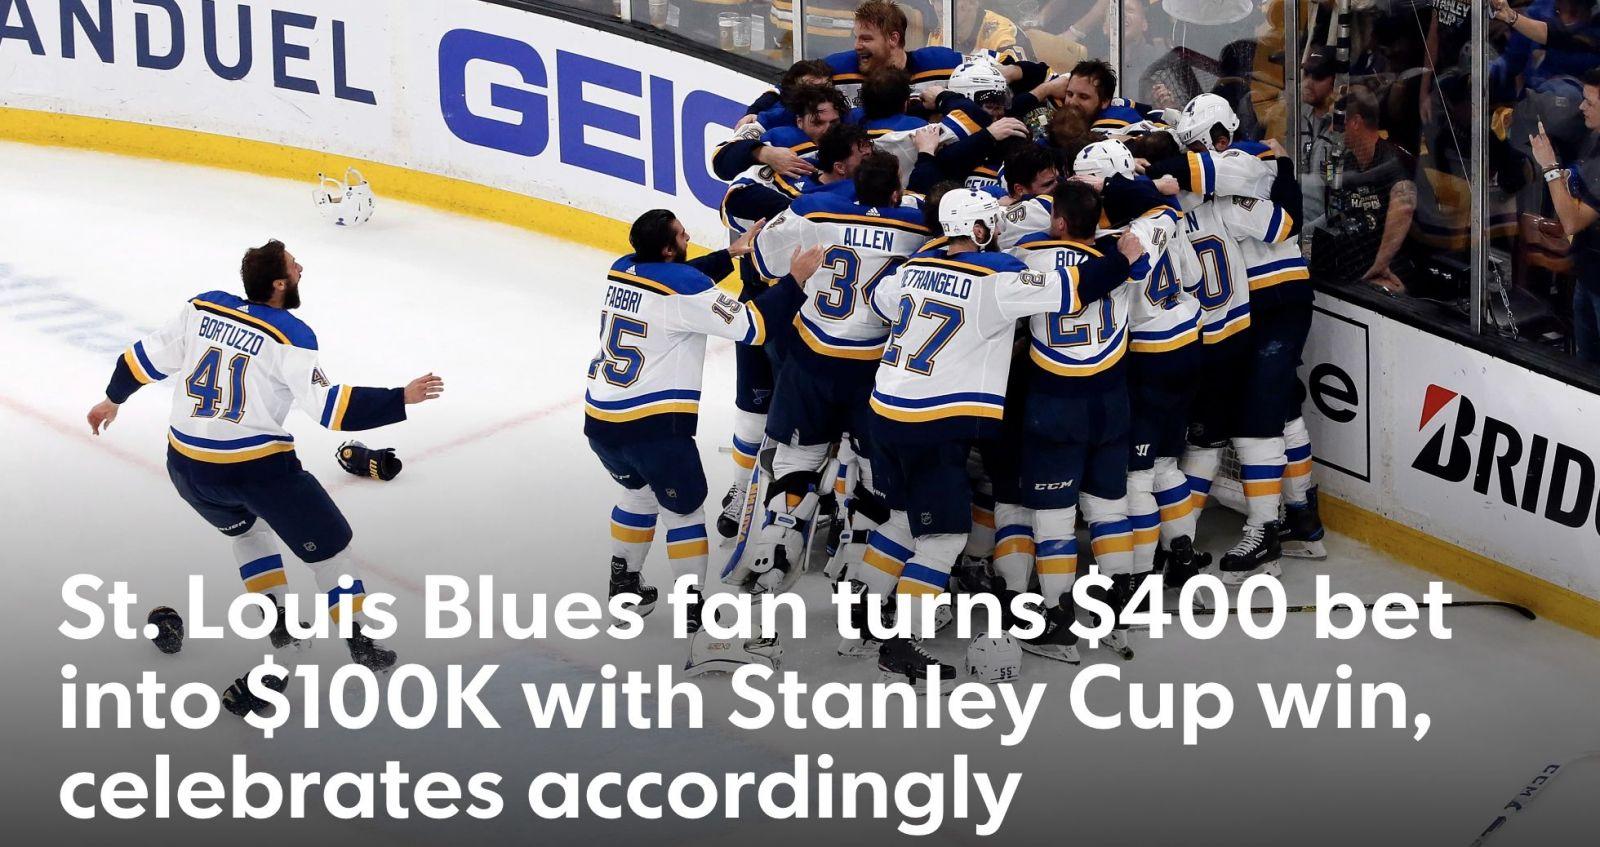 V januári boli najhorším tímom ligy, dnes oslavujú prvý Stanley Cup v histórii klubu. St. Louis Blues porazili Chárov Boston